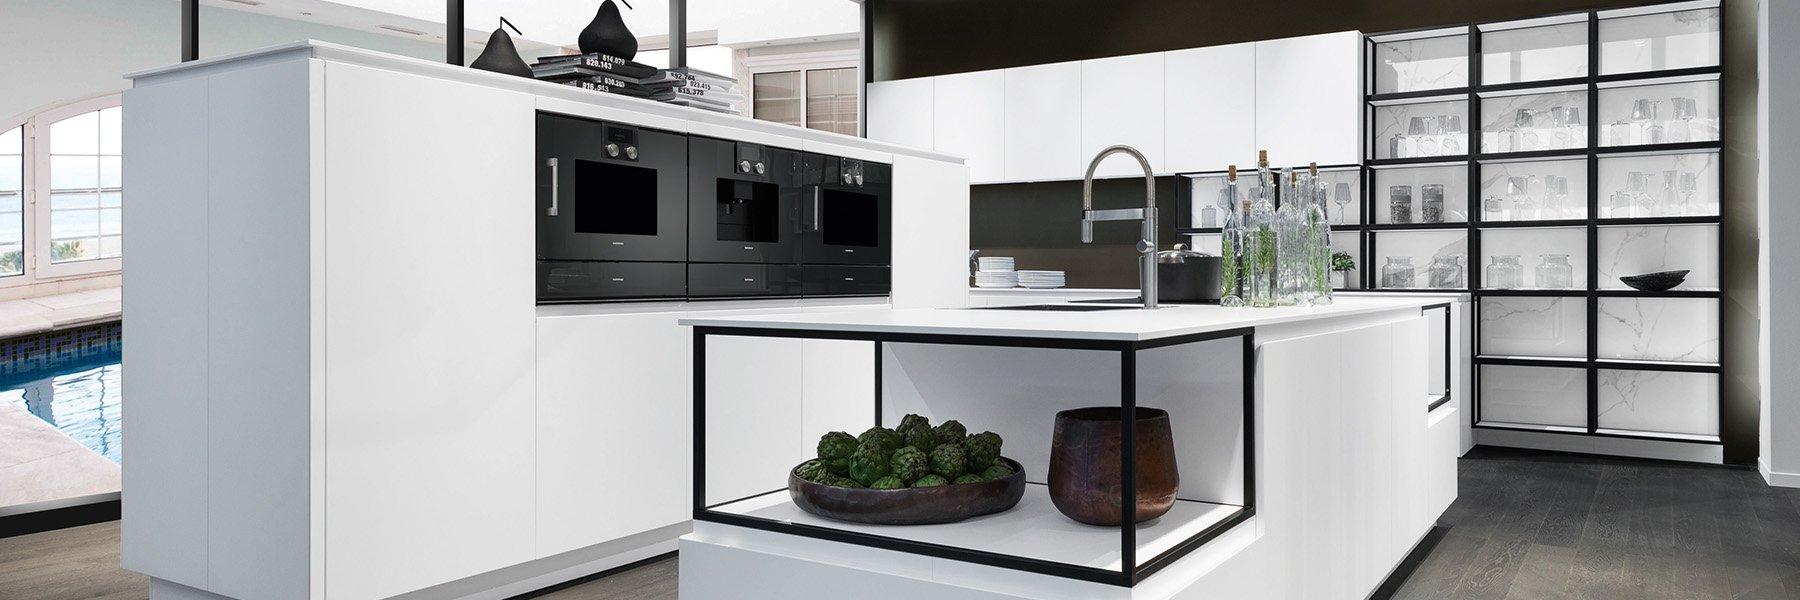 Küchenhaus Ruf Reutlingen - Küchen und Küchenstudio mit Schreinerei